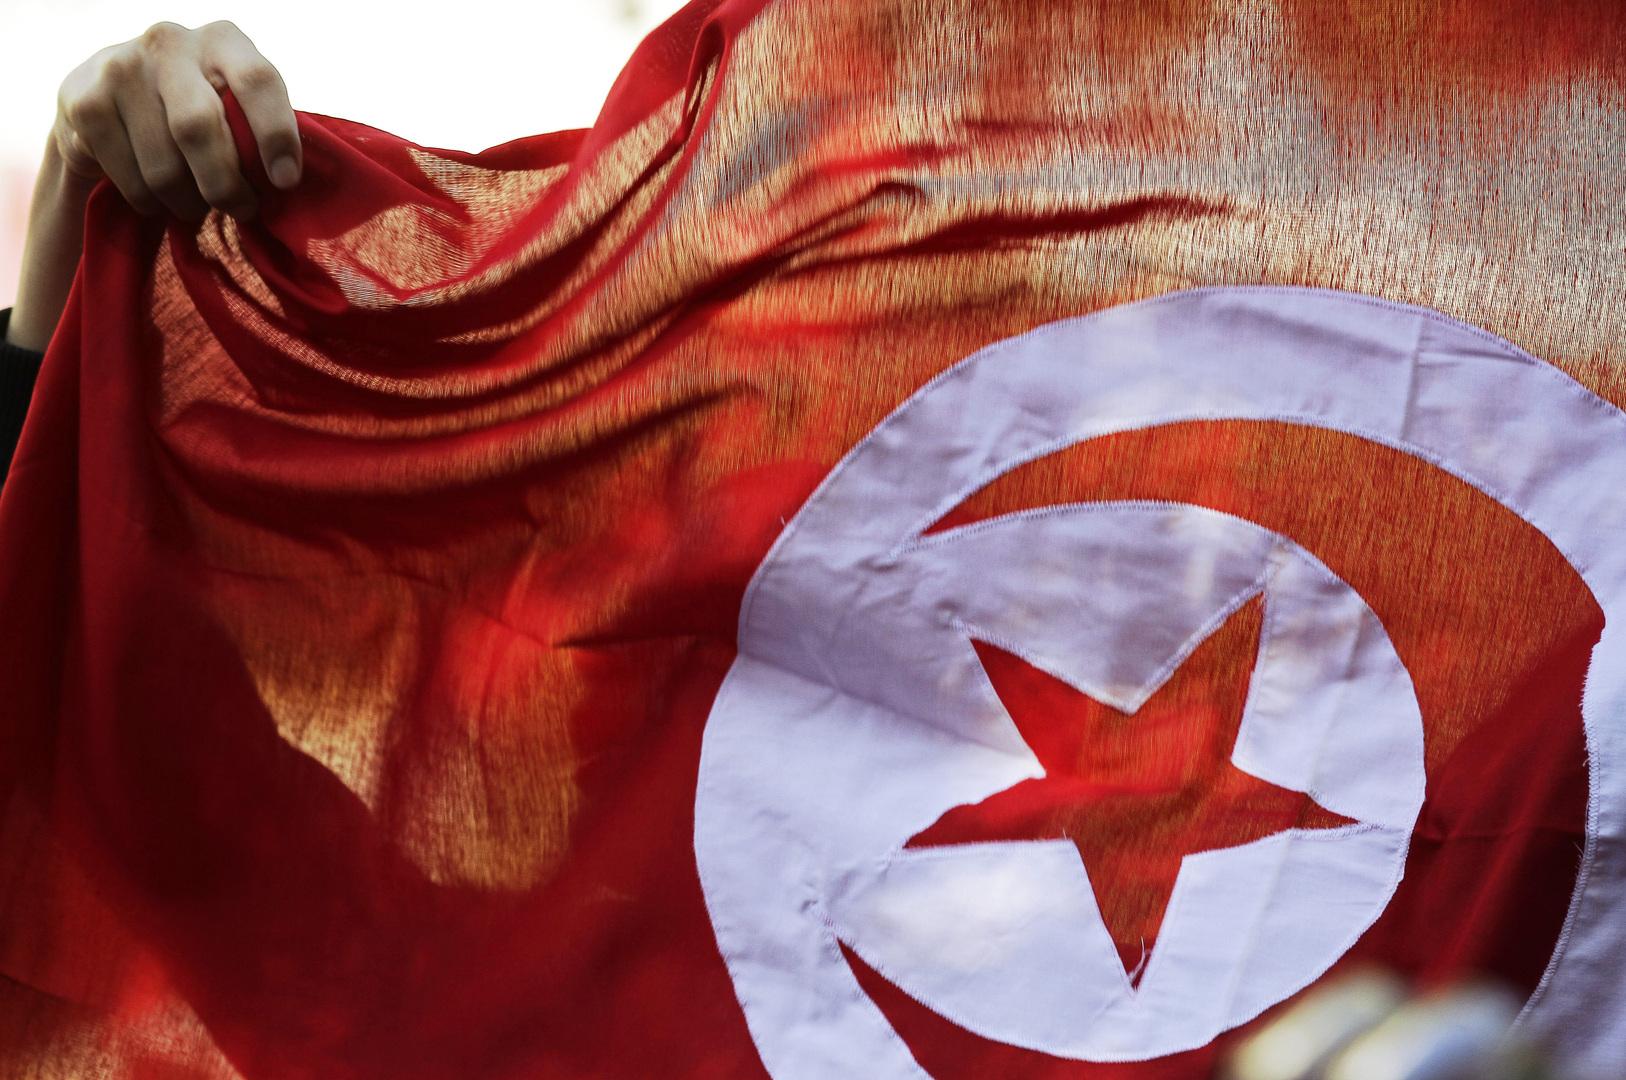 مشروع قرار تونسي بمجلس الأمن الدولي يطالب إثيوبيا بوقف ملء سد النهضة